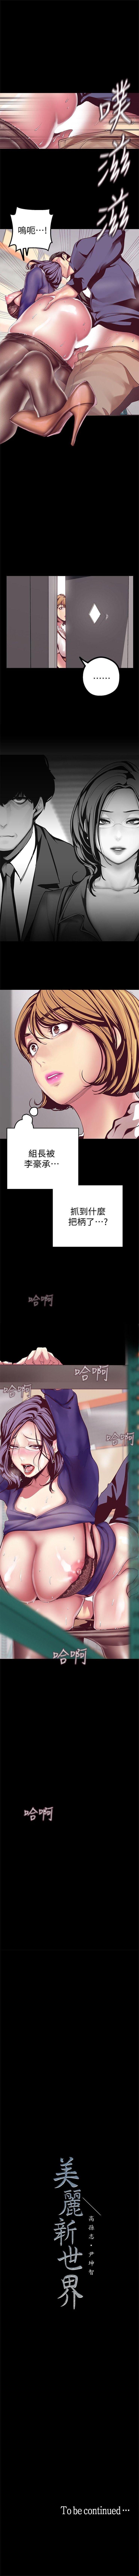 (周6)美丽新世界 1-61 中文翻译 (更新中) 153